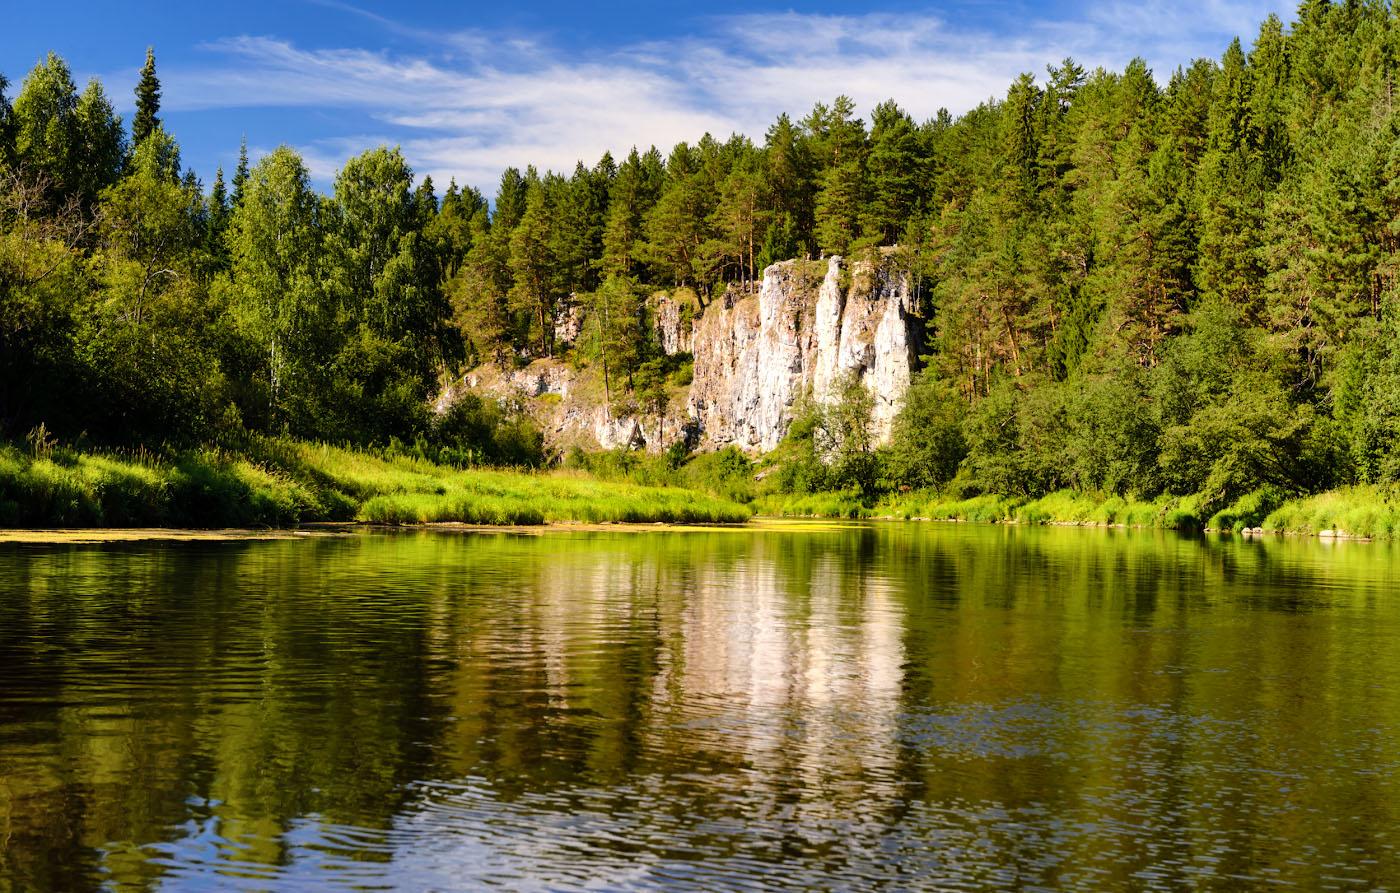 Фотография 5. Река Чусовая и Георгиевский камень. Куда поехать на выходные из Екатеринбурга.